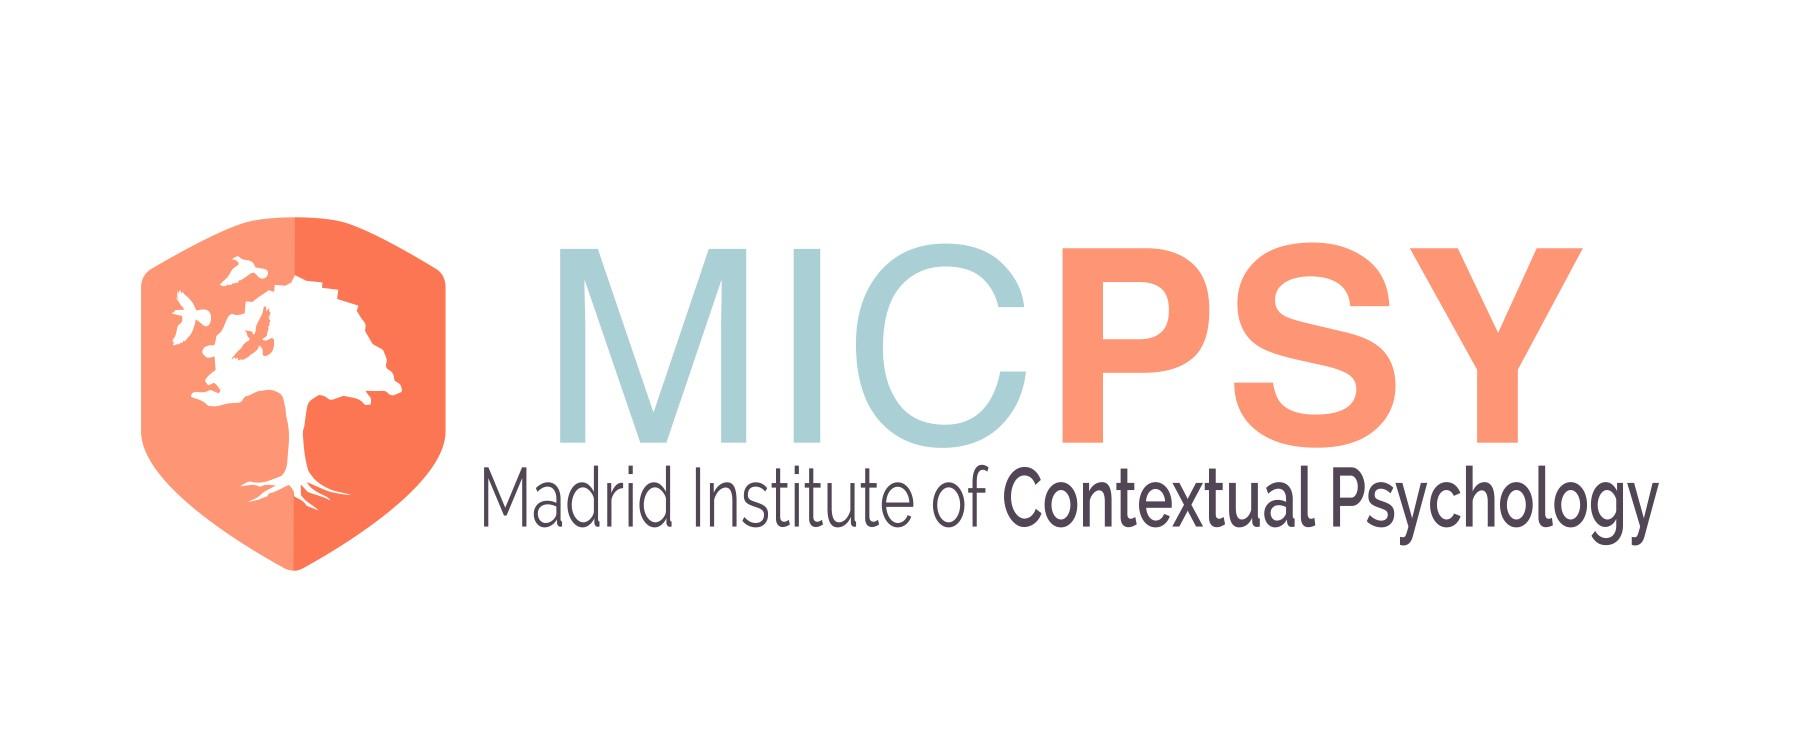 Instituto de Psicología Contextual Madrid - MICPSY